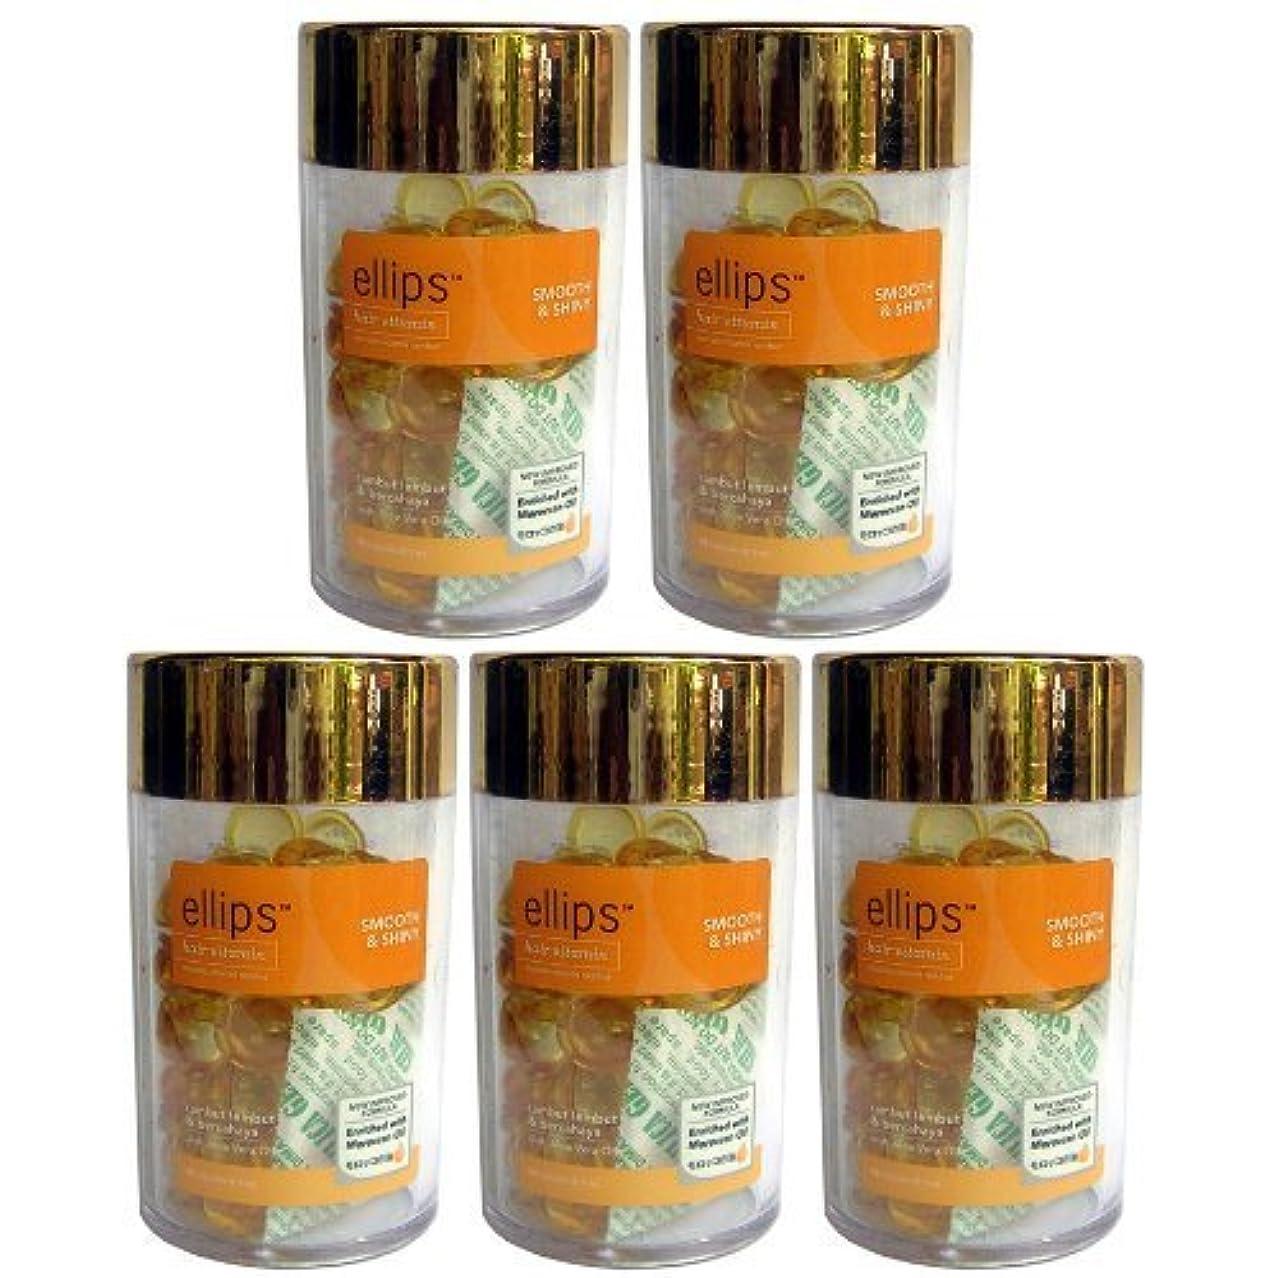 弱点マダムどこでもエリップスellipsヘアビタミン洗い流さないヘアトリートメント50粒入ボトル5本組(海外直送品)(並行輸入品) (黄色5本)